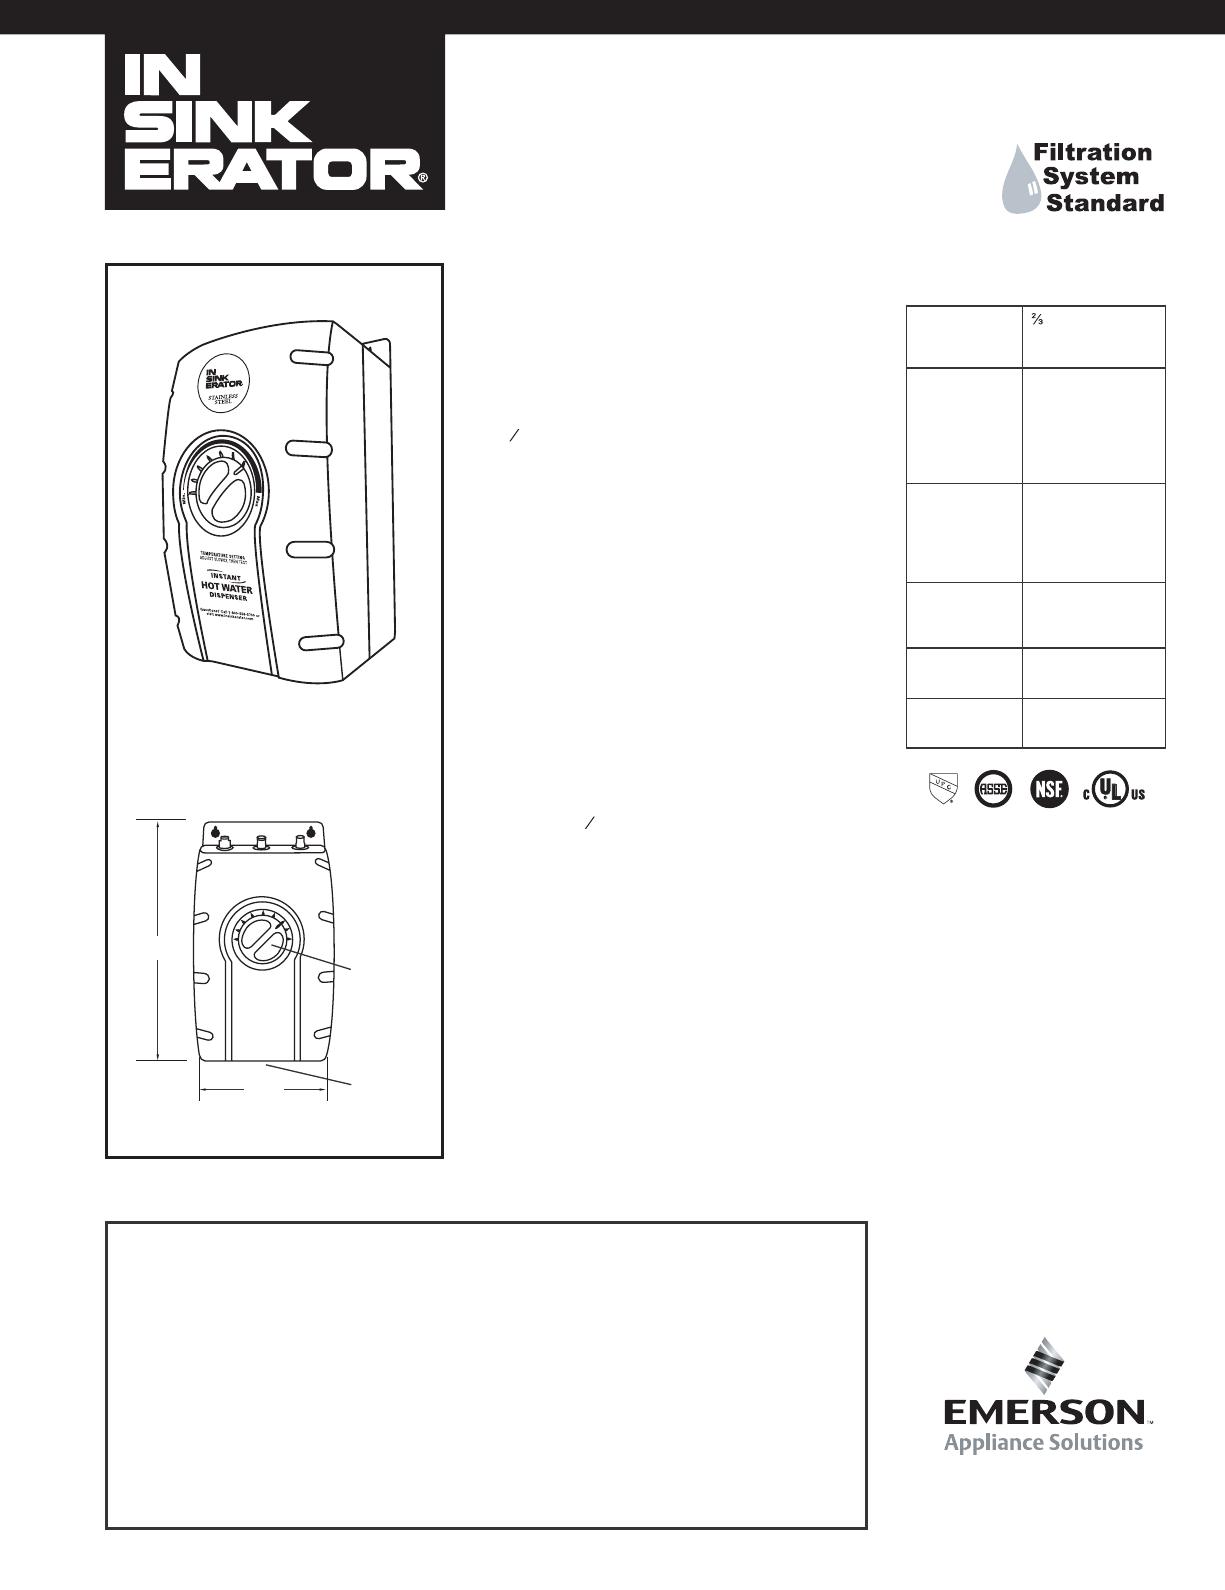 Insinkerator Water Dispenser Model Sst Fltr User Guide